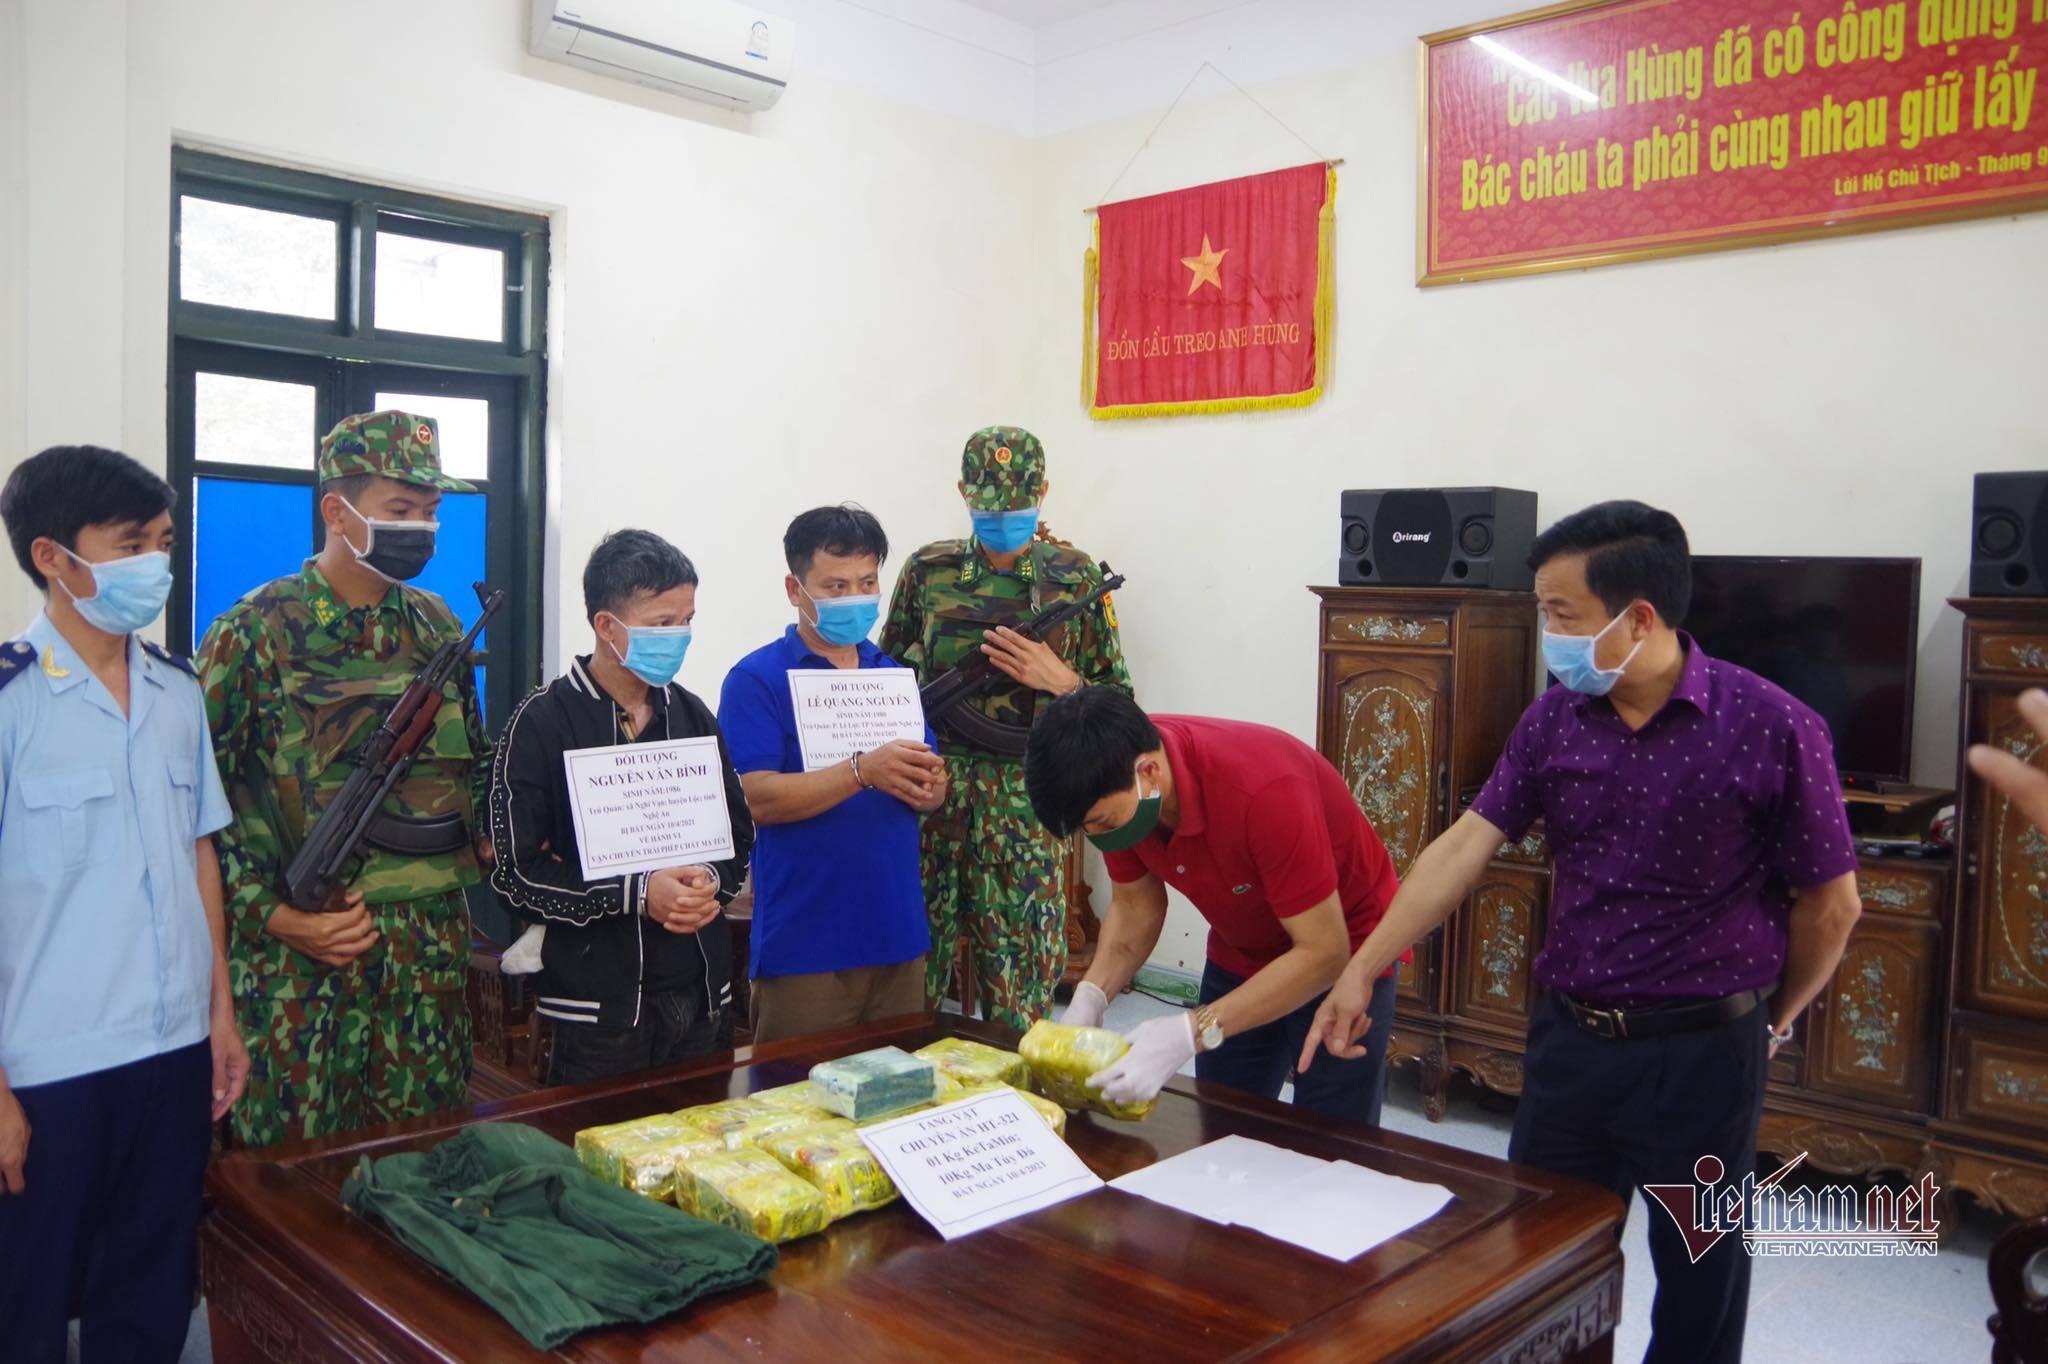 Bắt 2 kẻ chở thuê 11kg ma tuý từ Hà Tĩnh ra Hà Nội